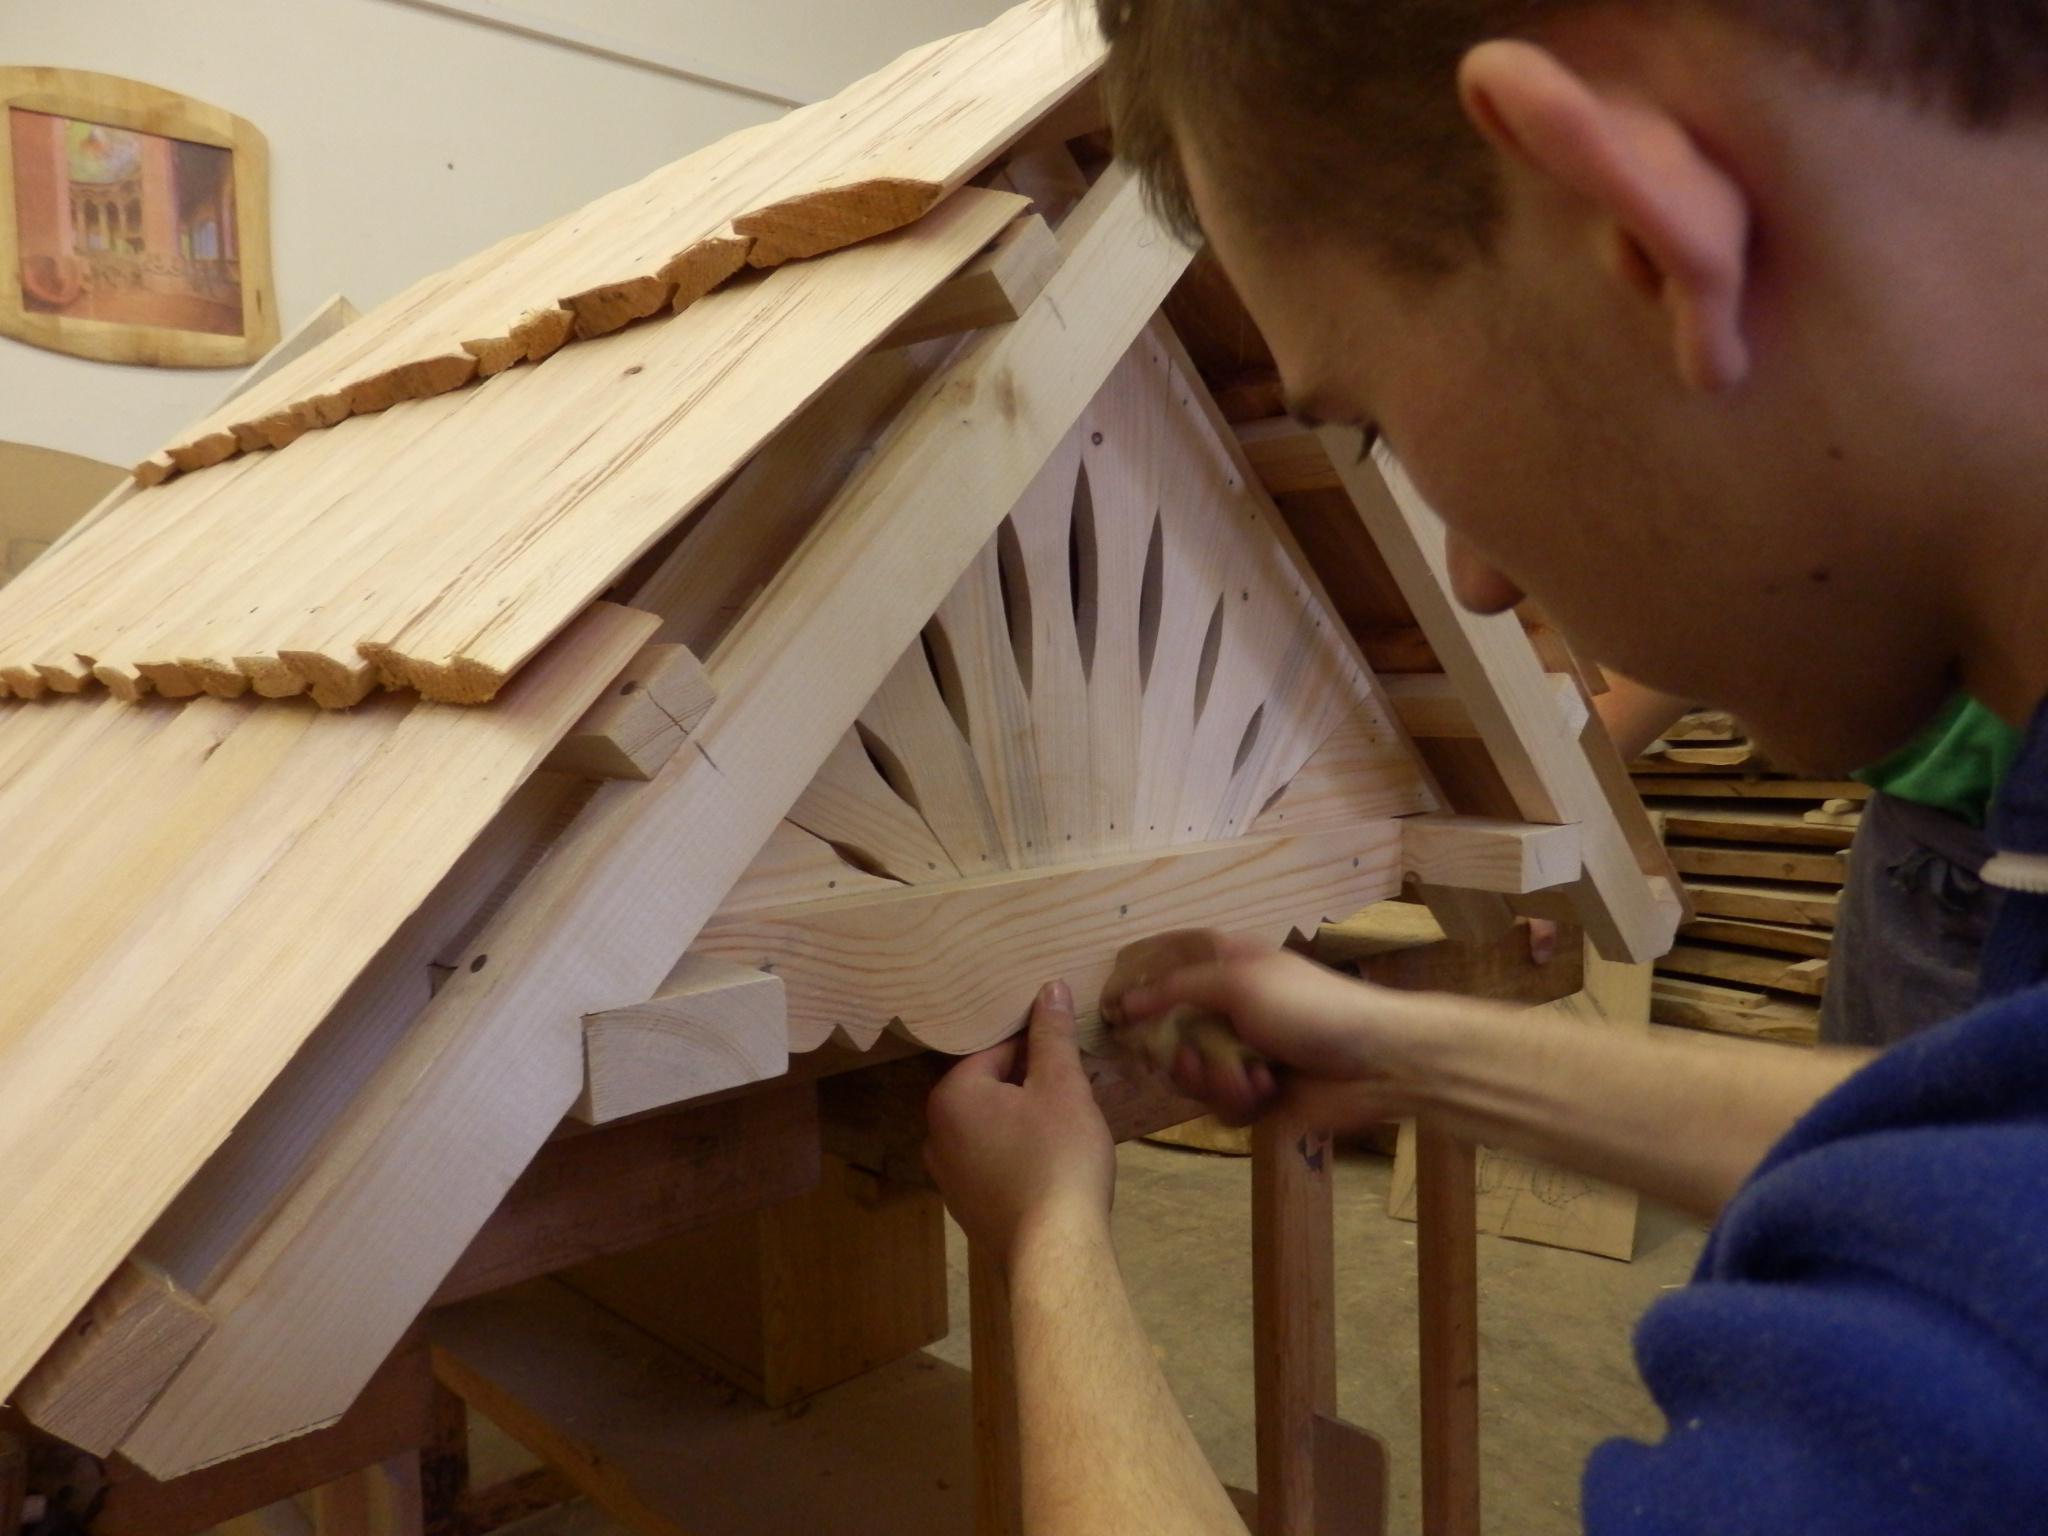 Výrobu šindelové střechy zvládnou učni waldorfského učiliště v Příbrami v prvním ročníku.